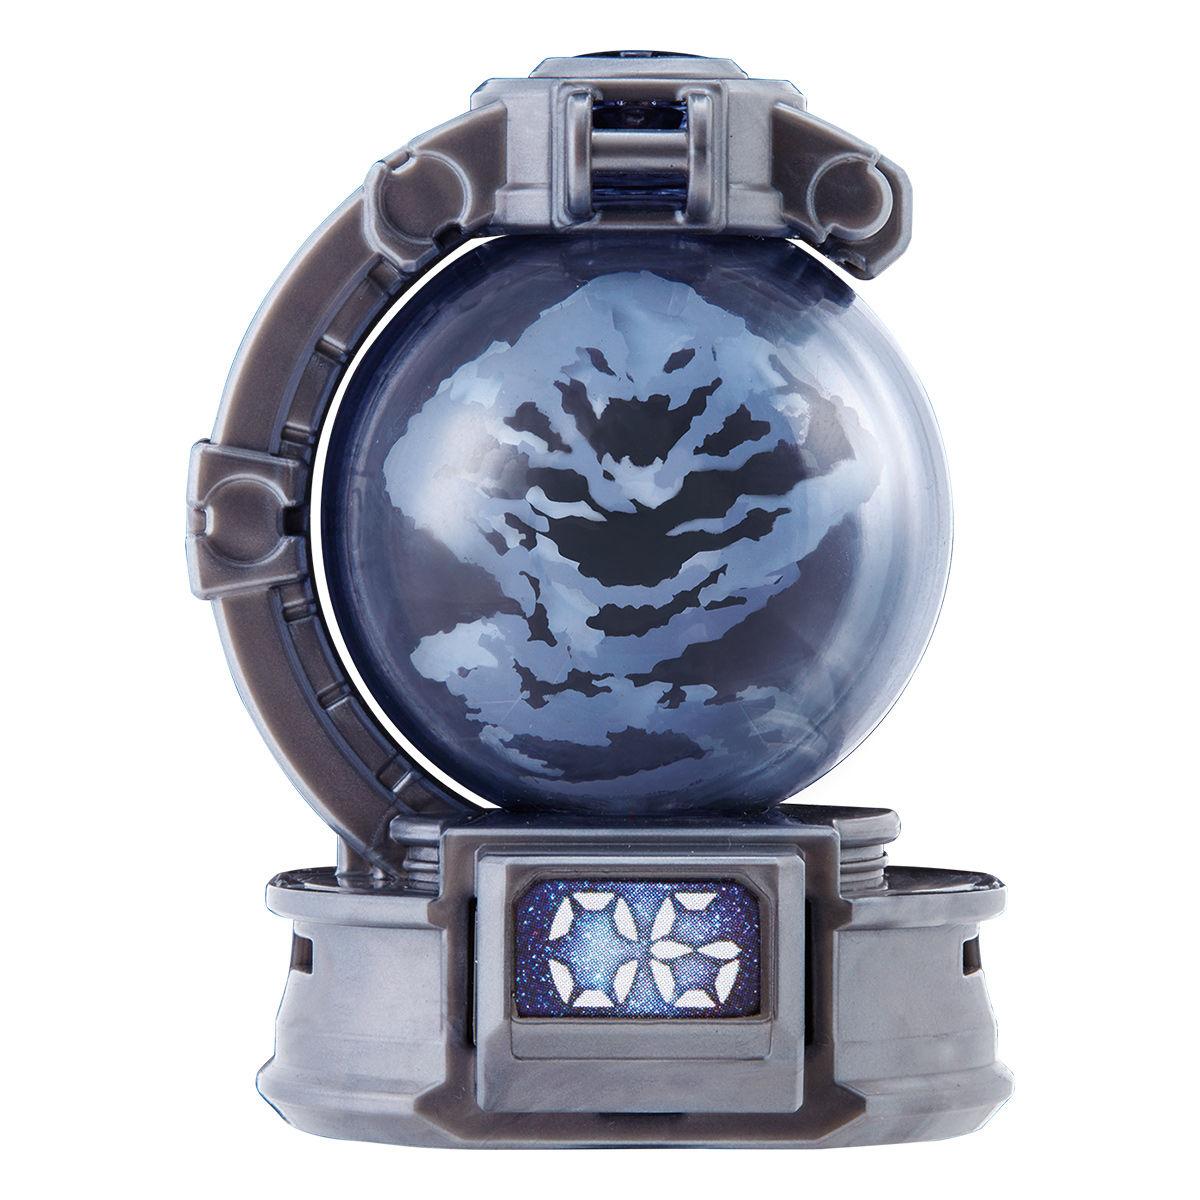 キュータマ合体06 DXヘビツカイボイジャー